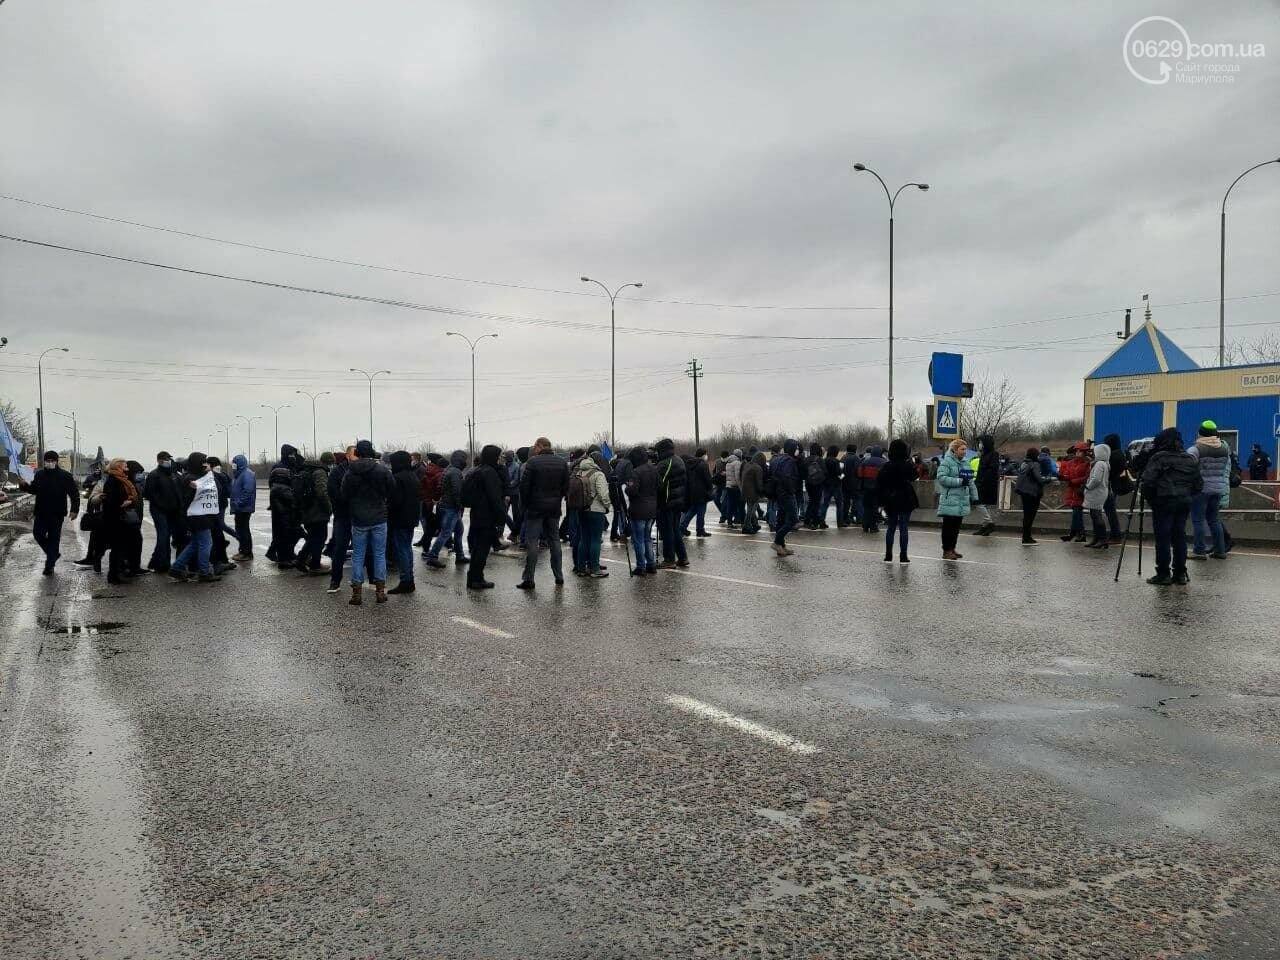 200 тысяч человек могут остаться без работы. В Мариуполе митингуют моряки, - ФОТОРЕПОРТАЖ, фото-4